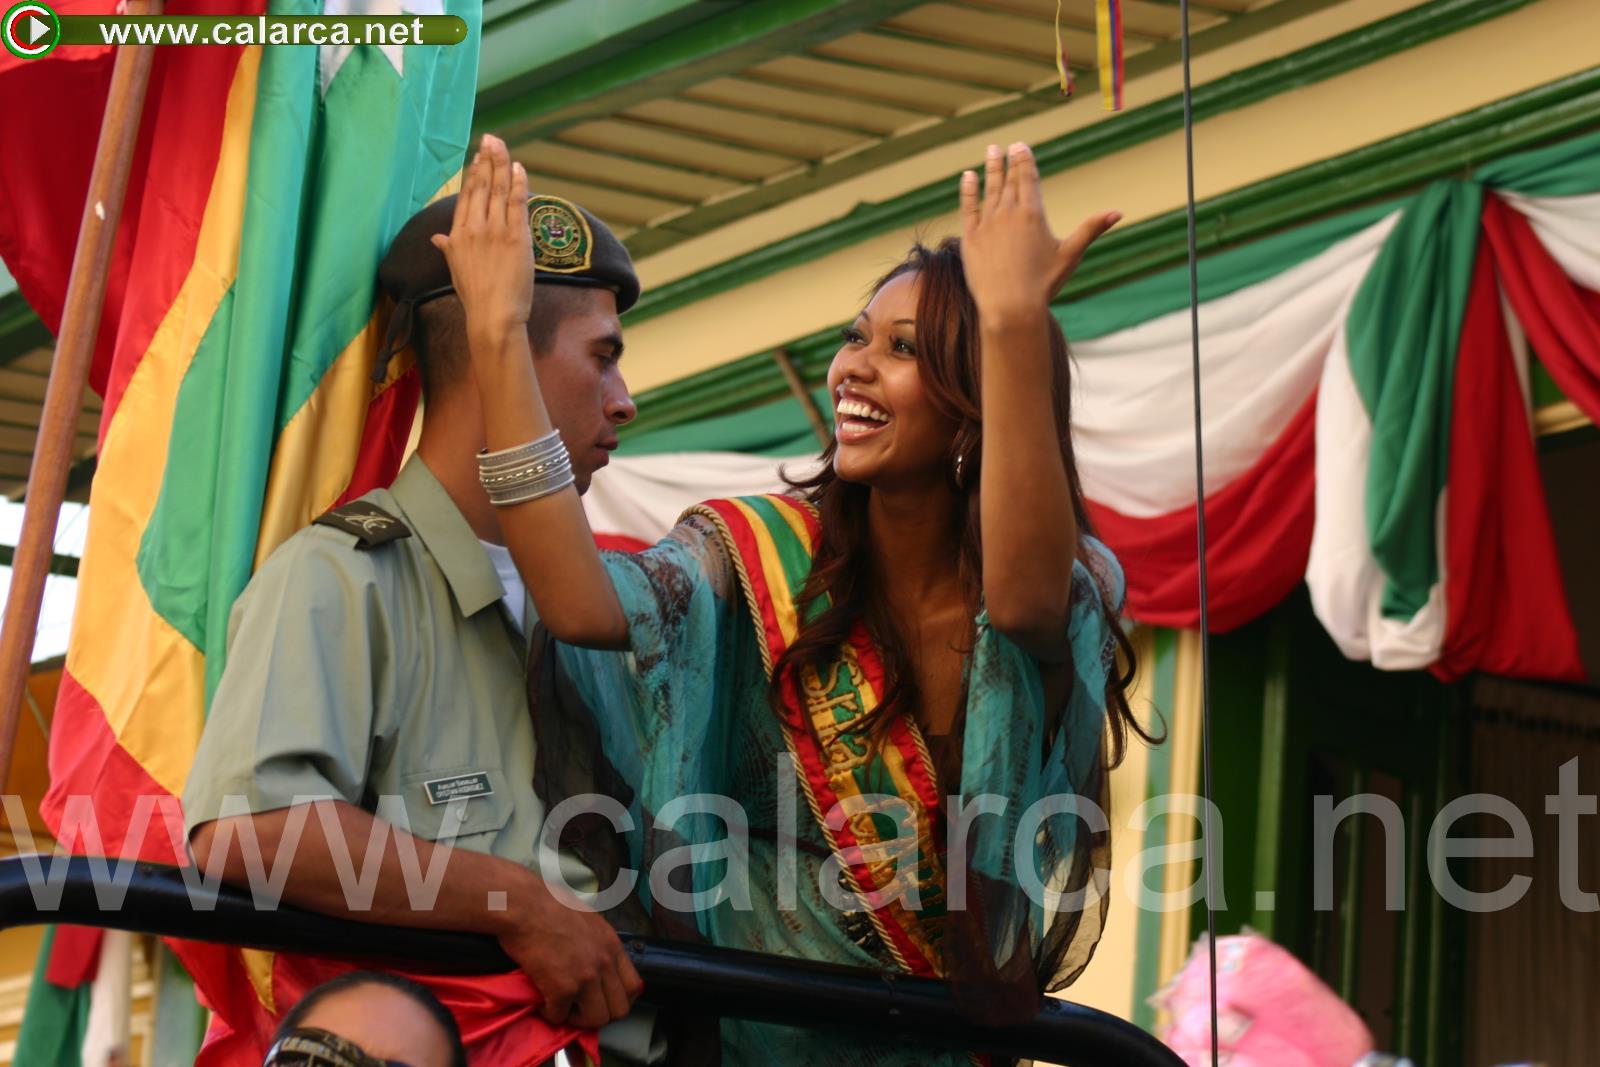 Cartagena - Élida Patricia Castro Herrera